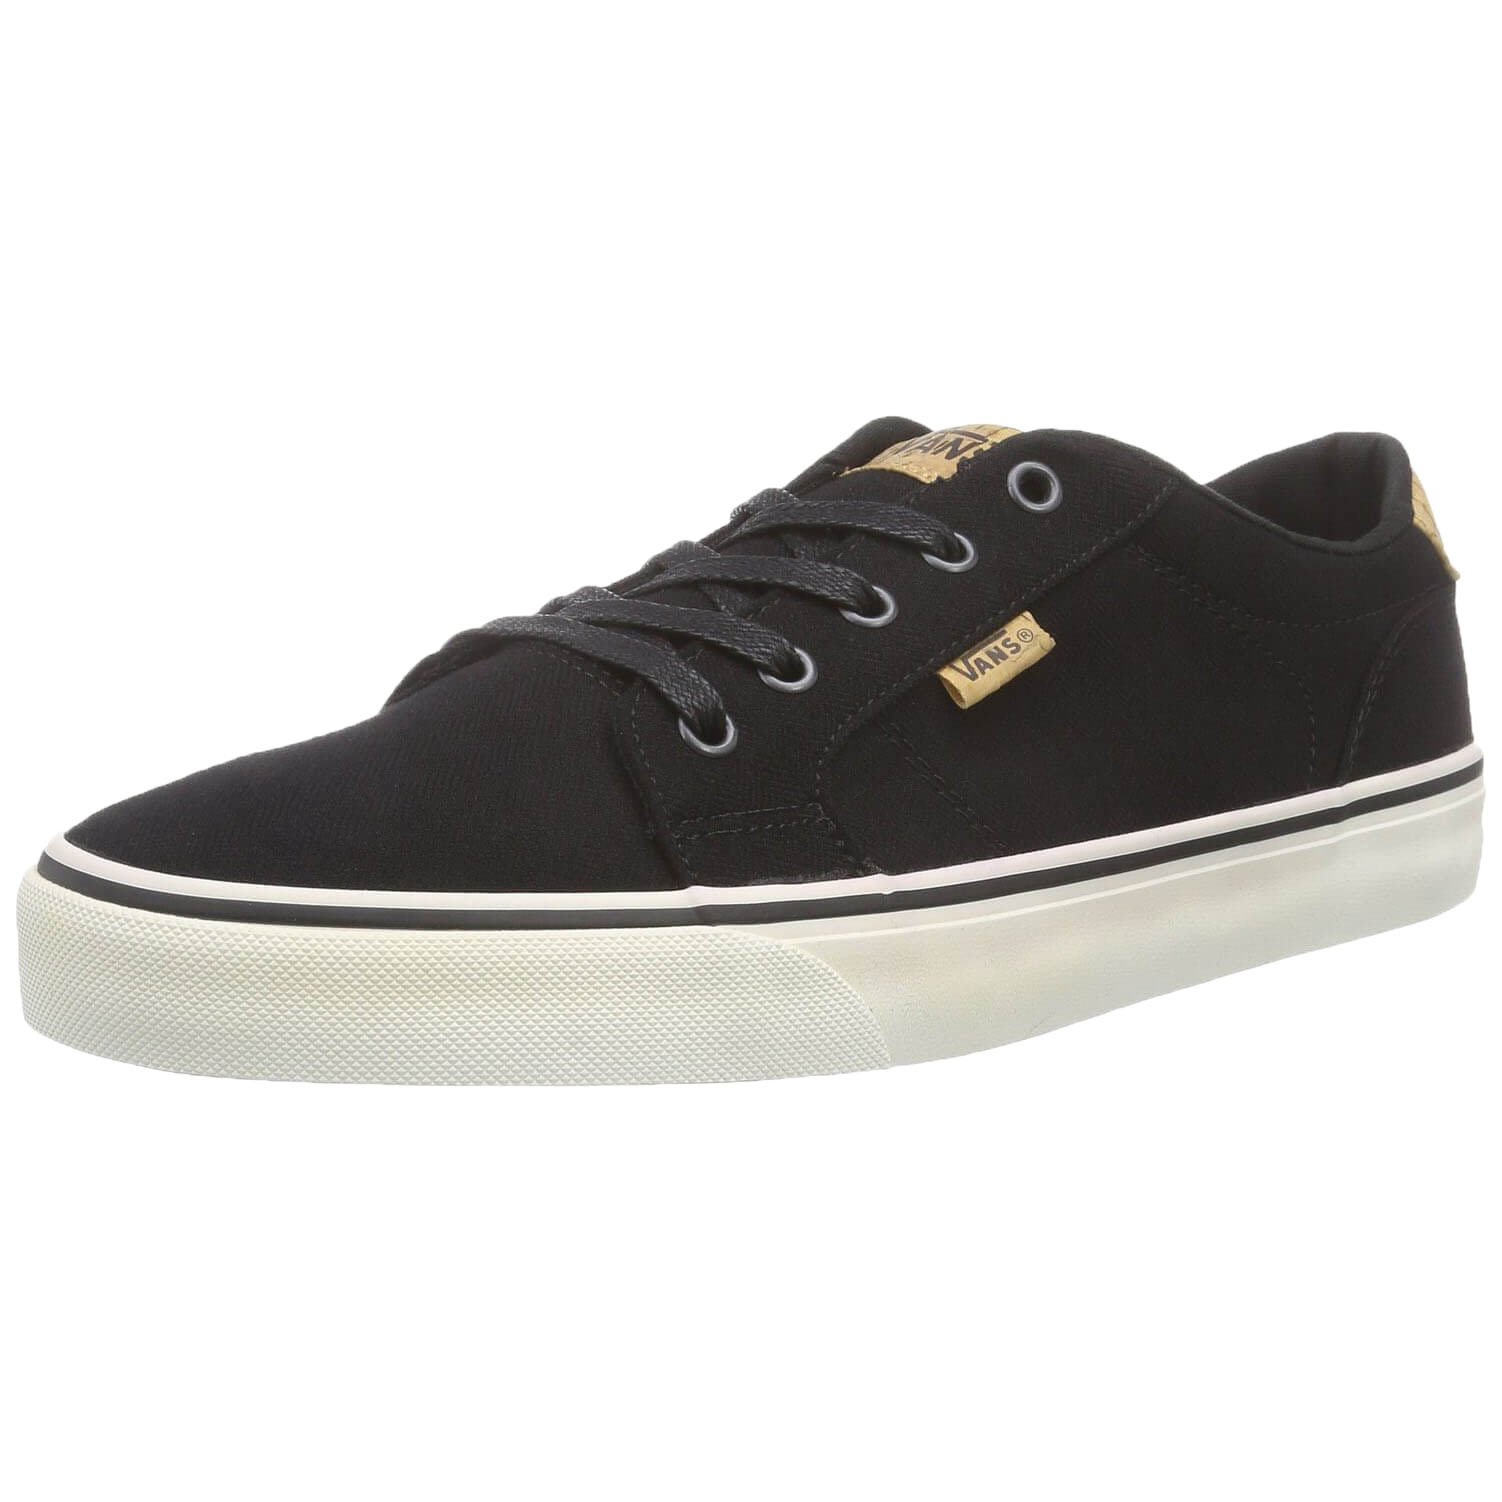 96e9785e4b Details about VANS Mens Bishop Canvas Cork Fashion Skater Shoes Casual  Plimsoll Trainers Black